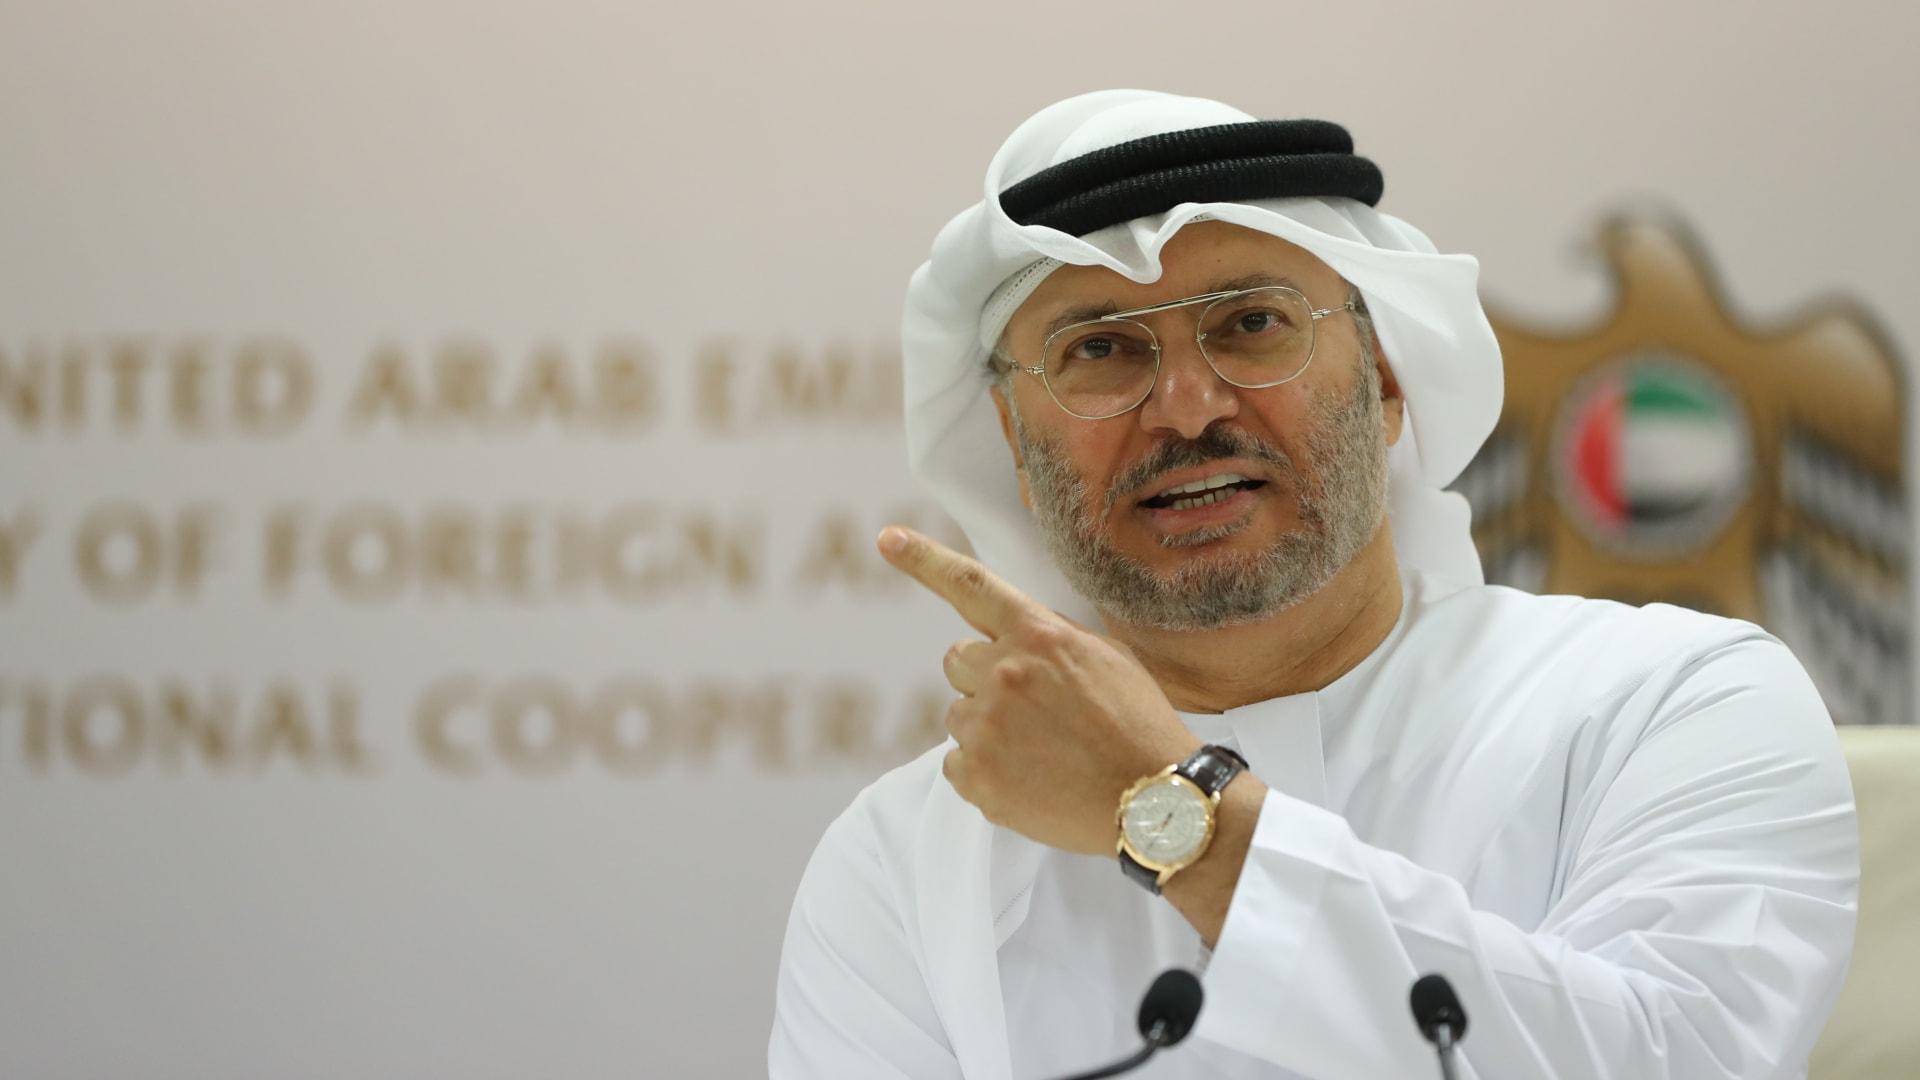 أنور قرقاش، المستشار الدبلوماسي لرئيس الإمارات